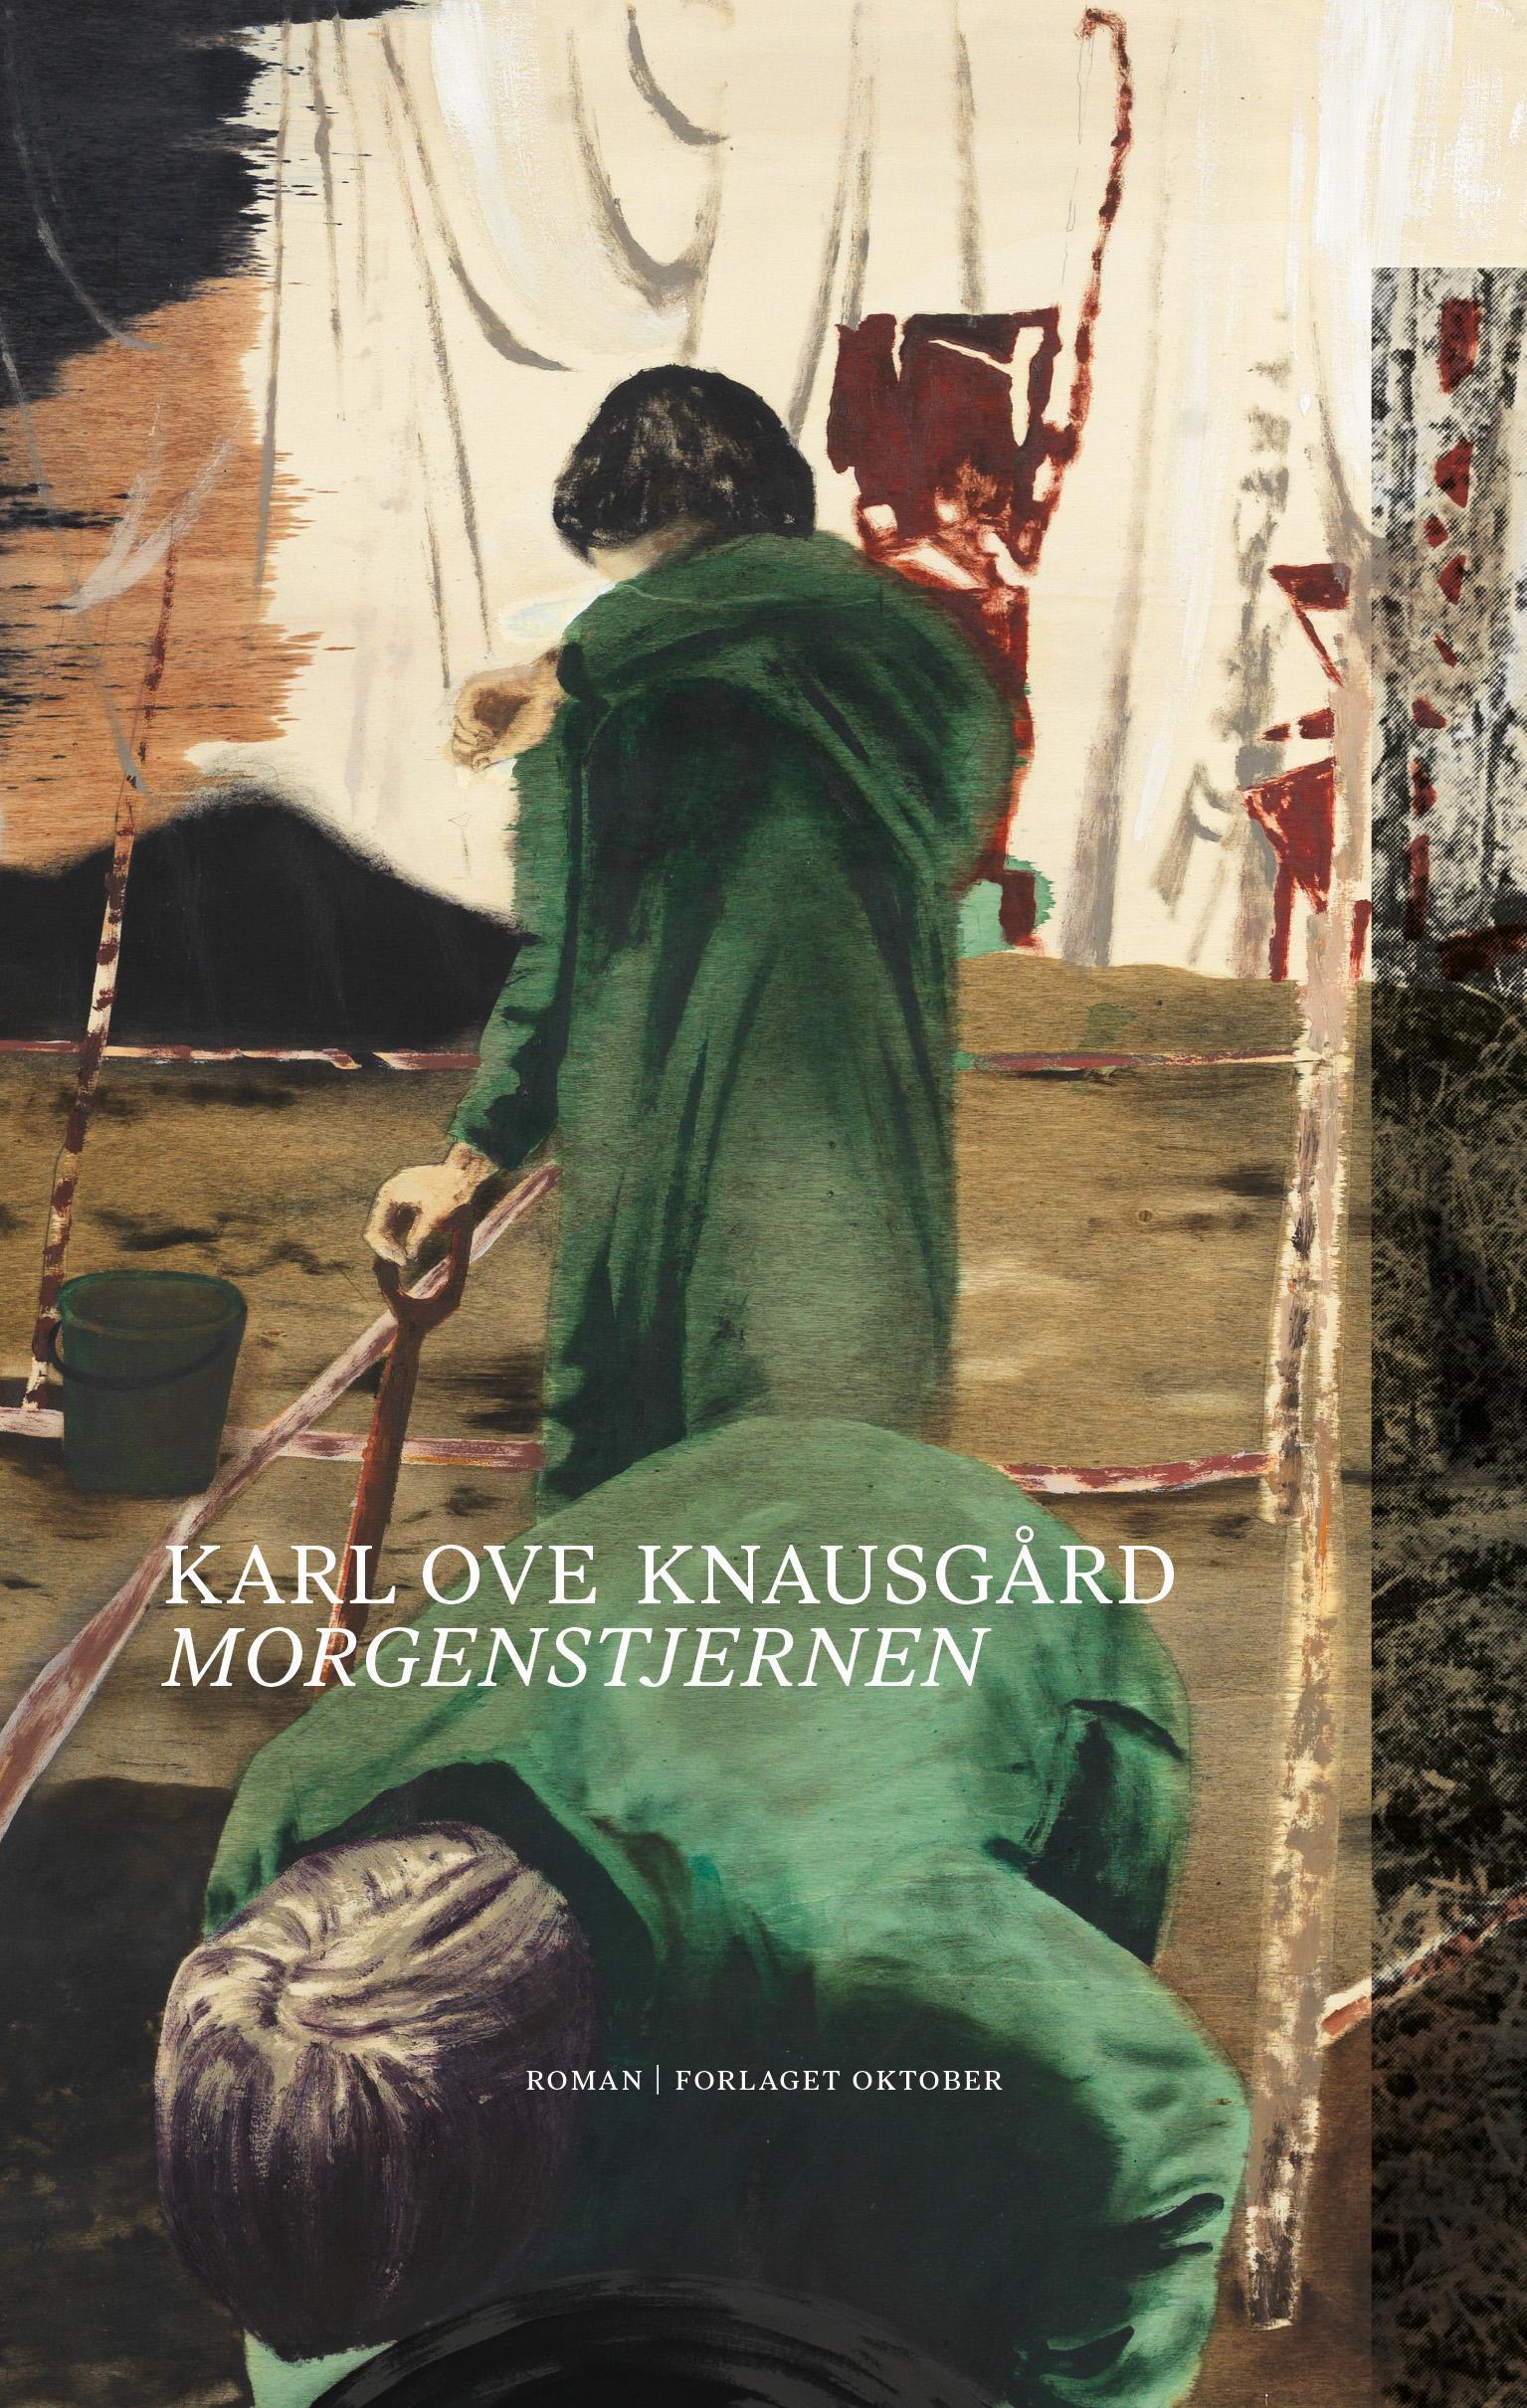 Morgenstjernen af Karl Ove Knausgård (på norsk)